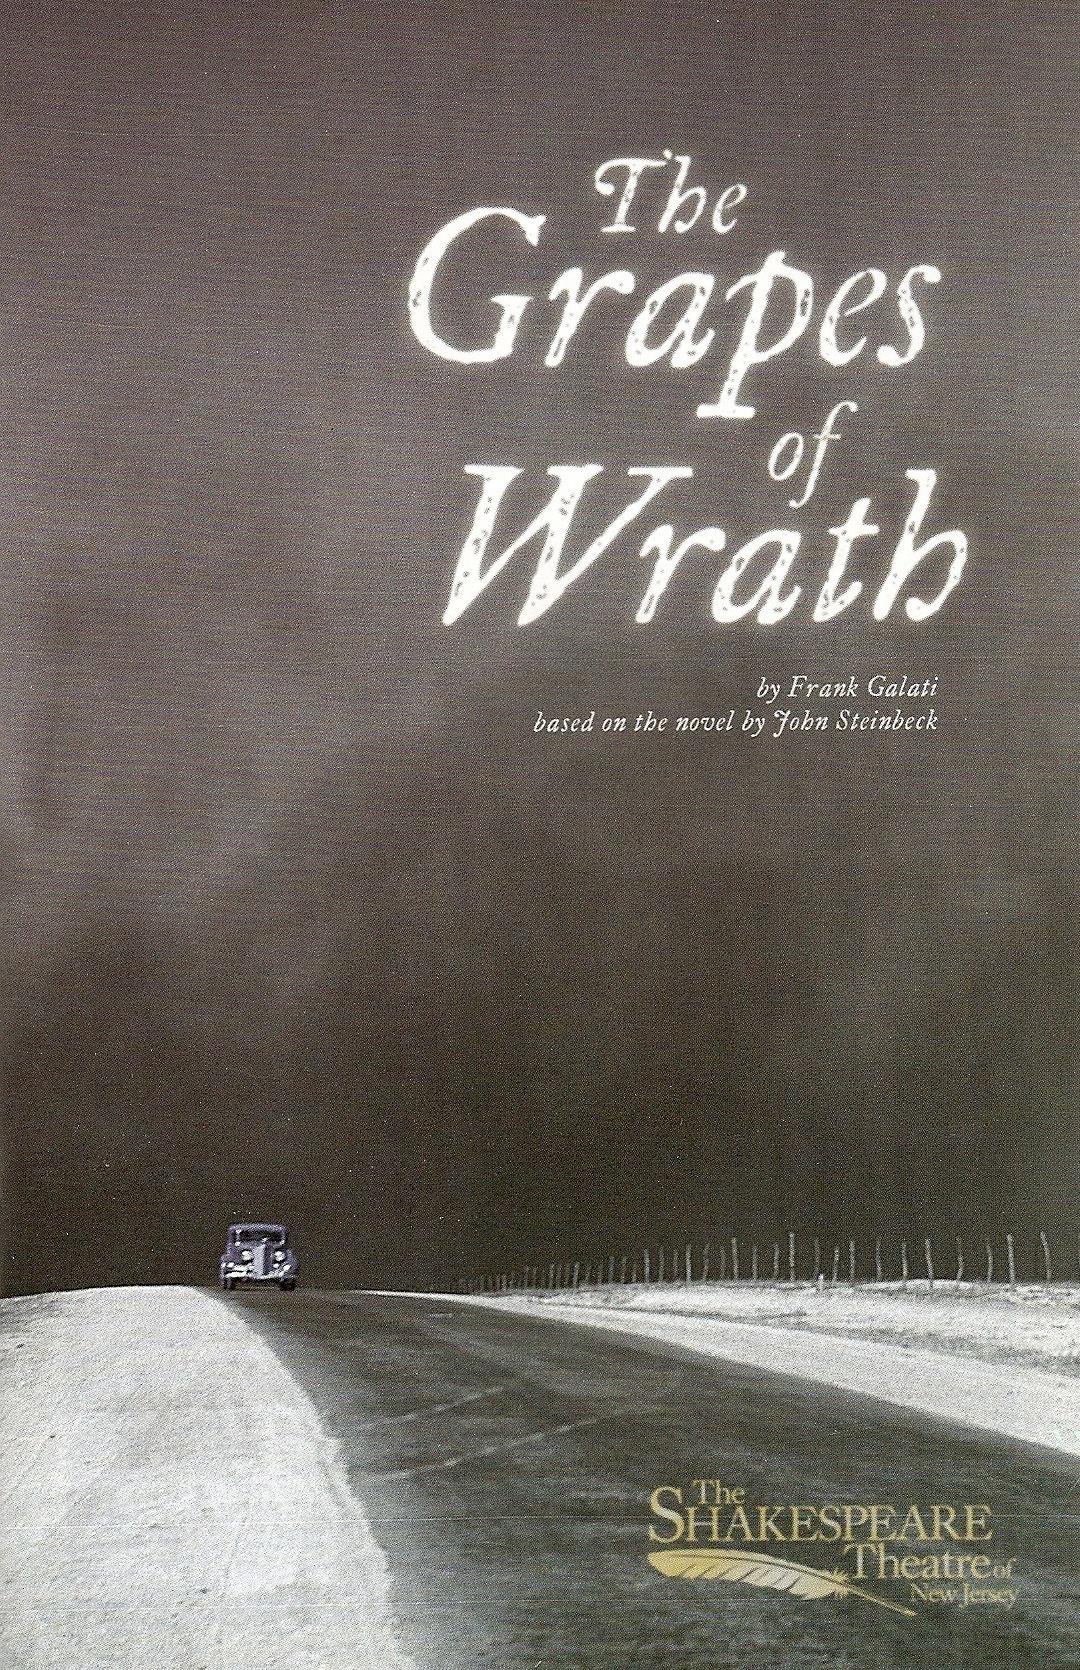 grapesofwrath_cover.jpg